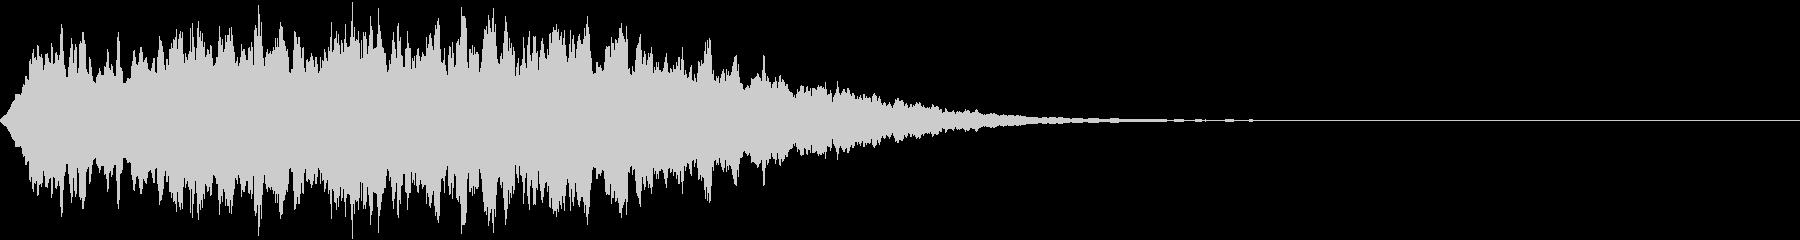 少し不気味な音2の未再生の波形